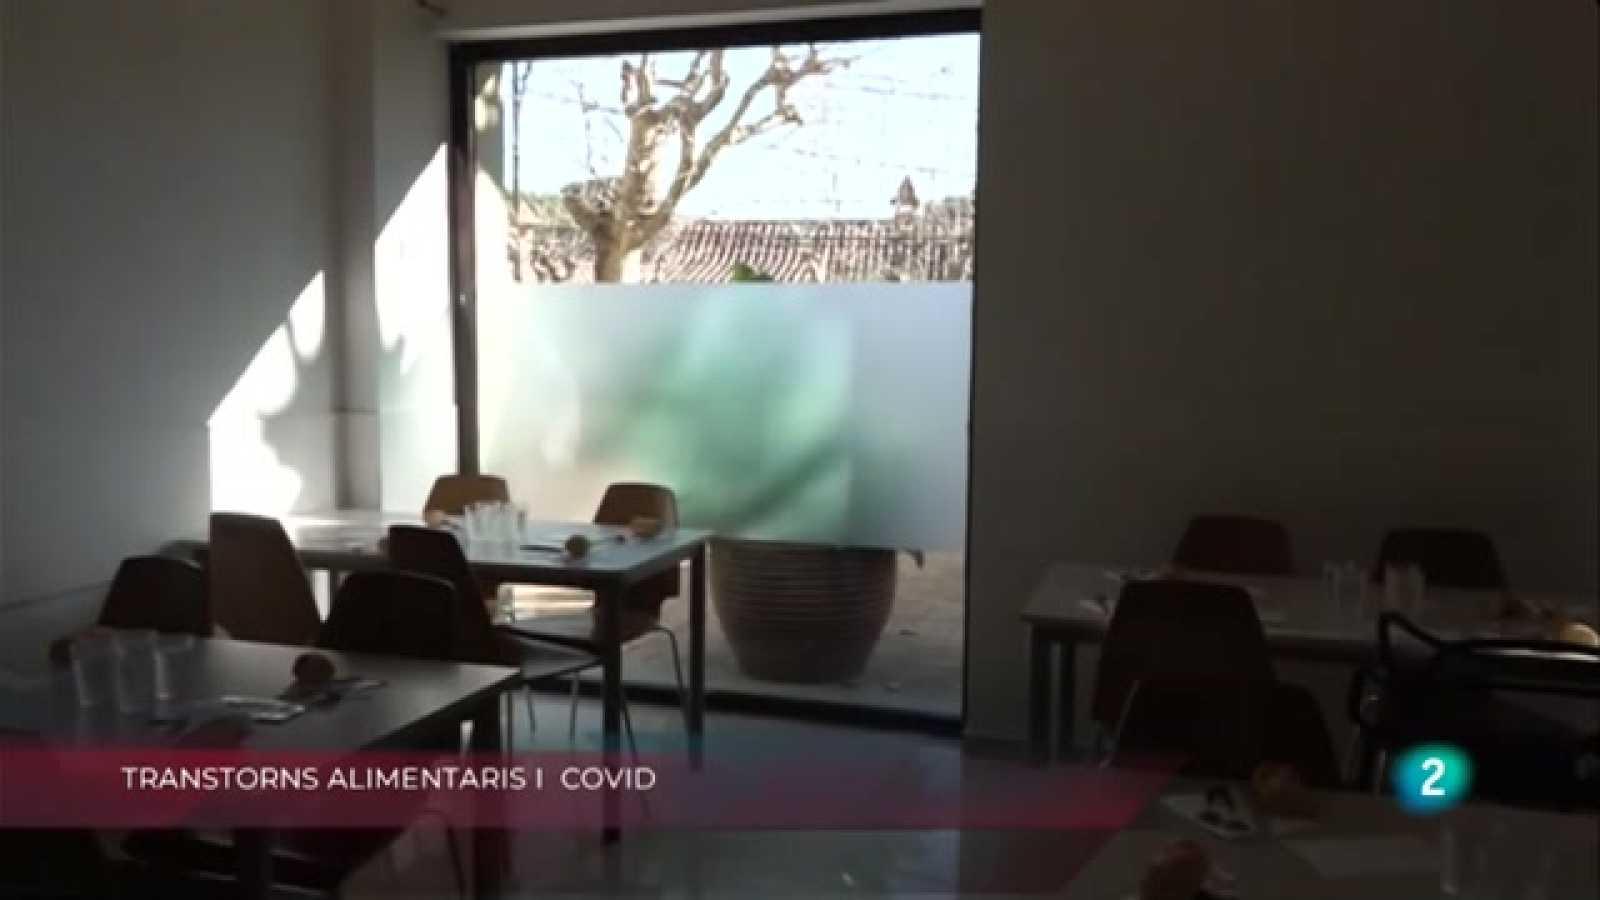 Transtorns alimentaris i Covid, Edifici Venus i Espais verds a la Torrassa a La Metro